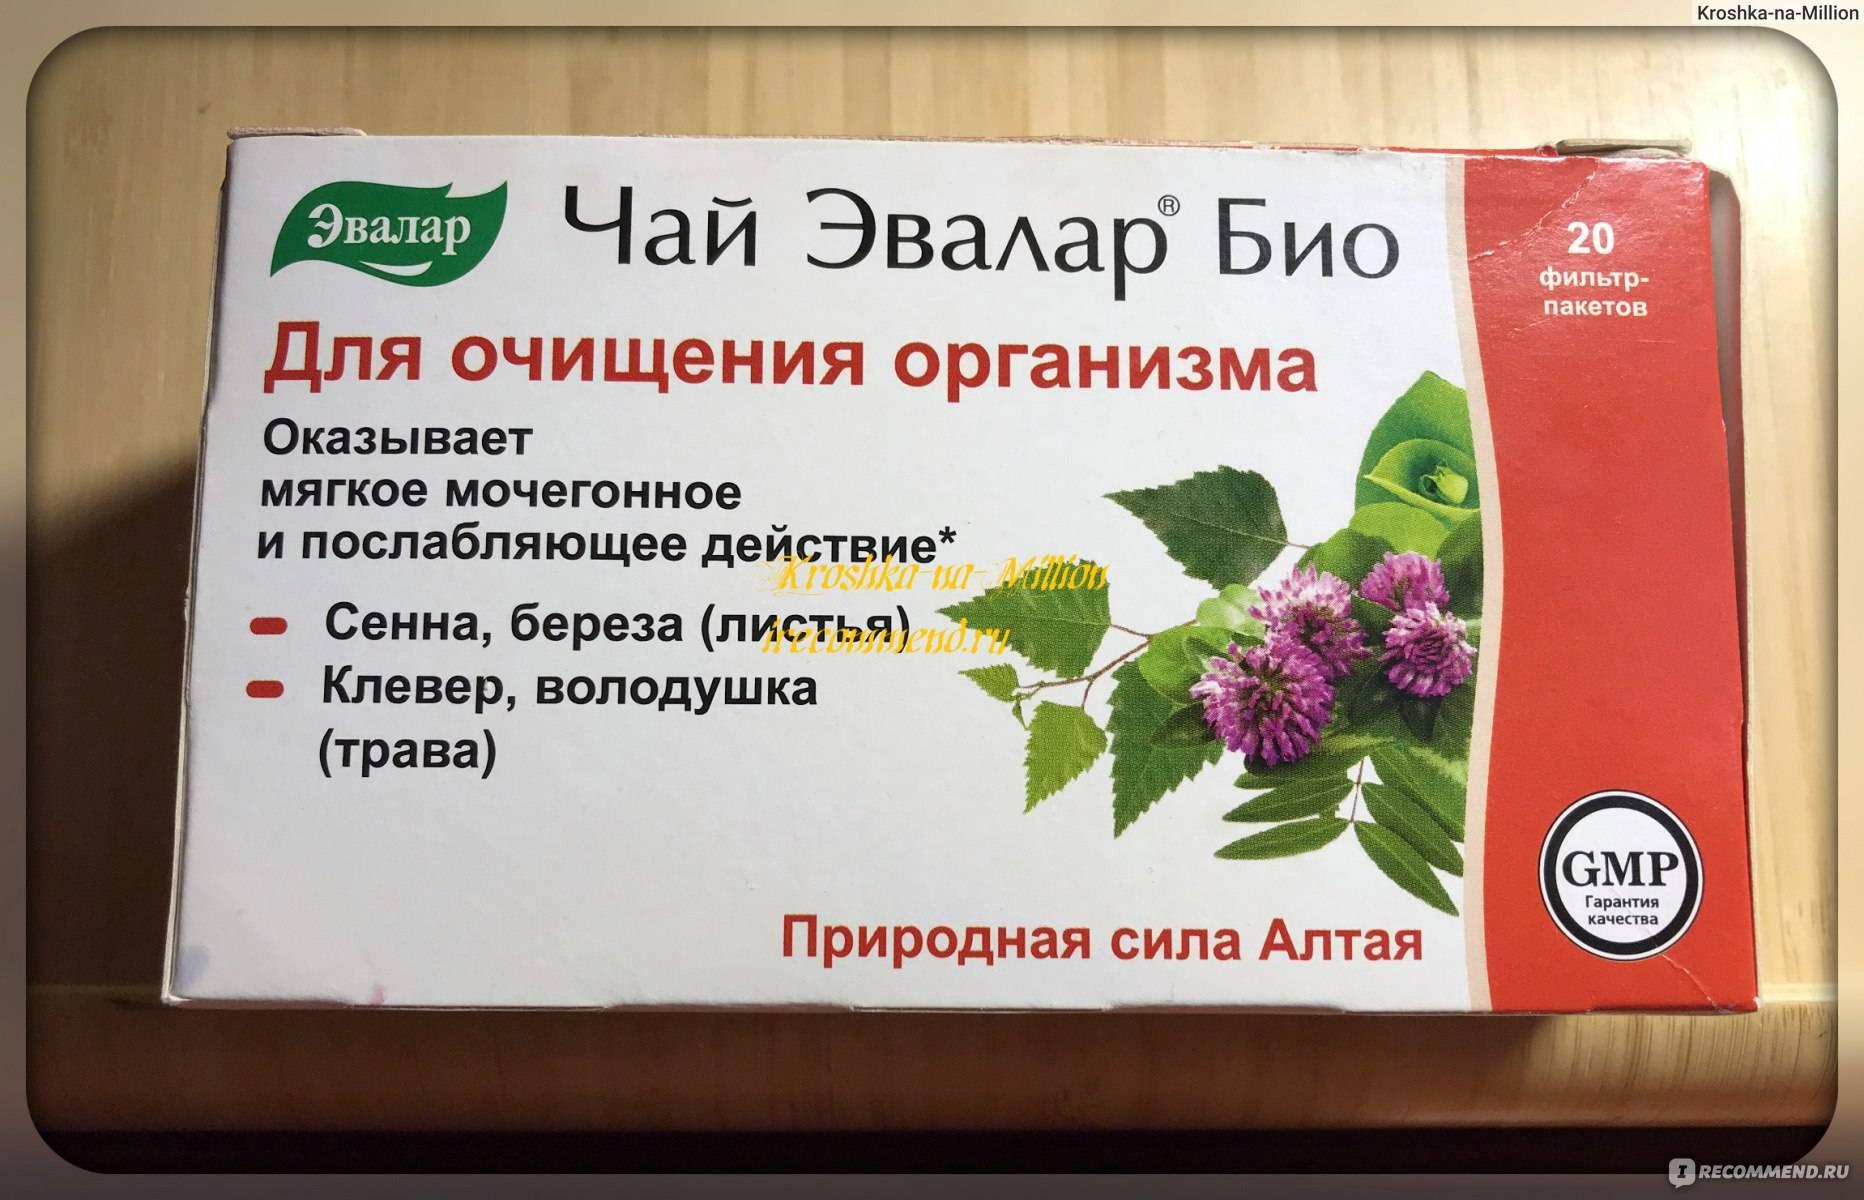 10 трав для чистки сосудов: какие сборы и составы можно приготовить в домашних условиях